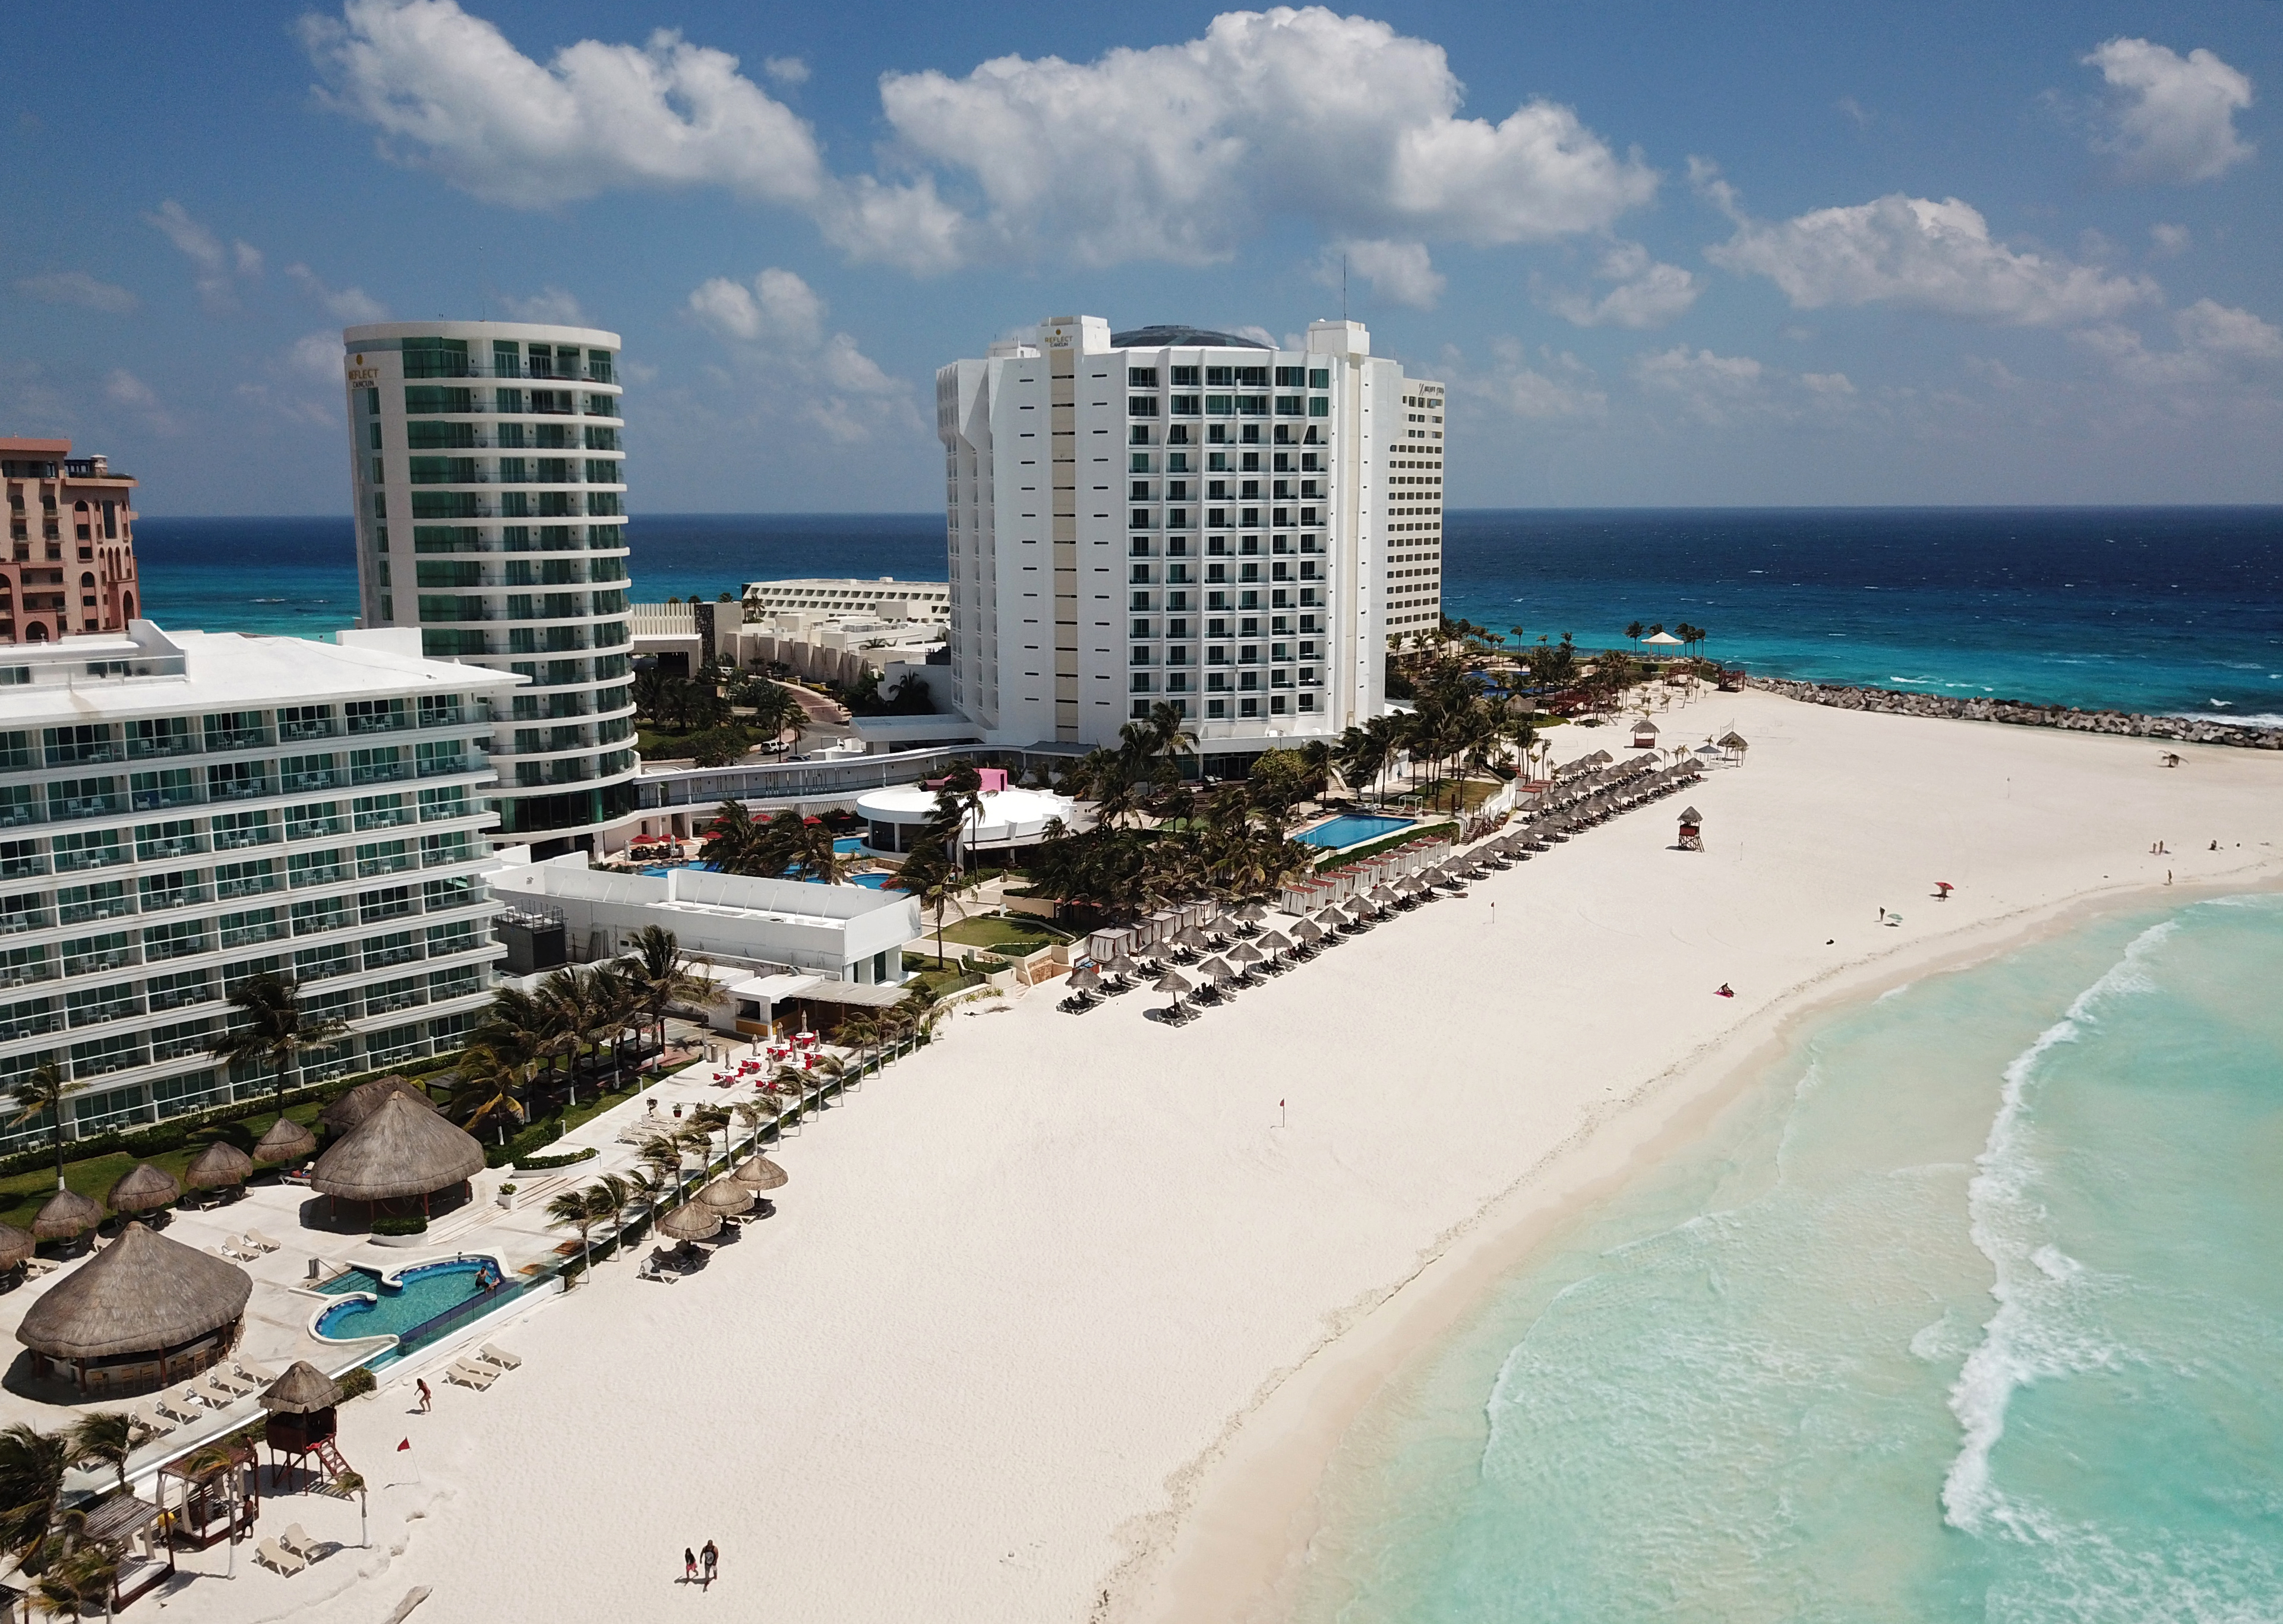 Vista aérea de una playa casi vacía en Cancún, estado de Quintana Roo, México, el 28 de marzo de 2020.